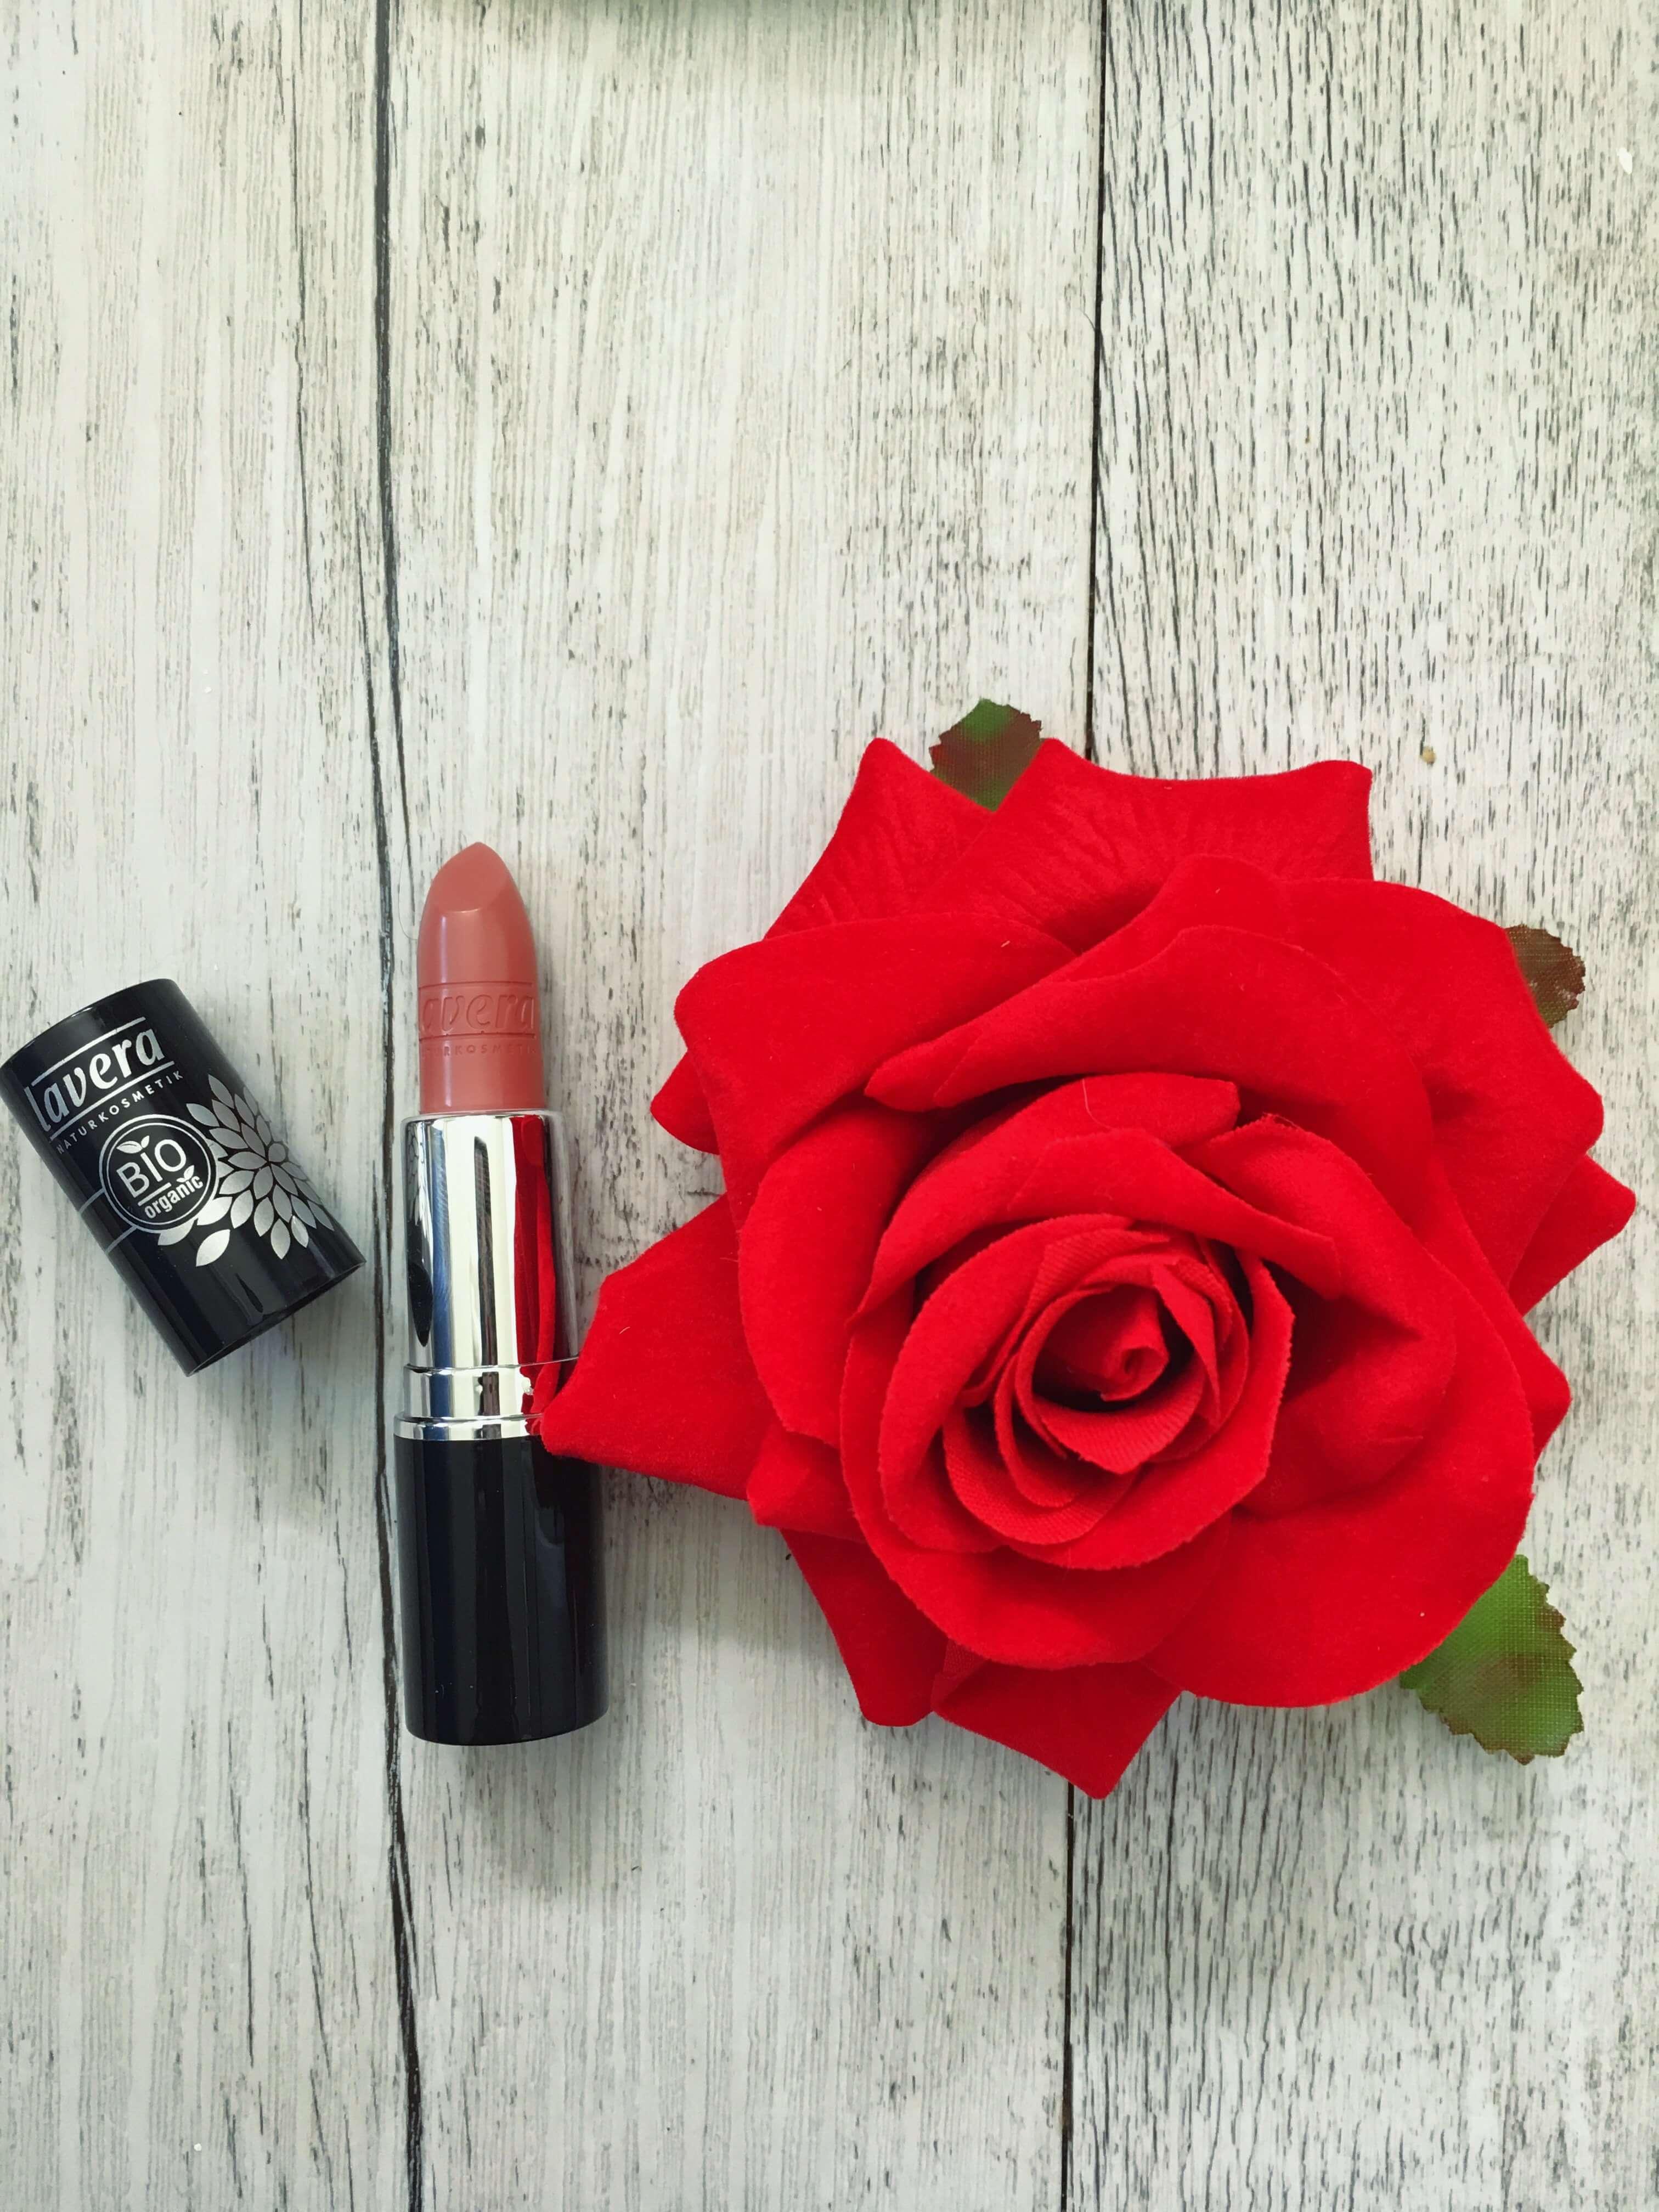 Heute zeige ich euch in Kooperation mit Shop Apotheke vegane Kosmetikprodukte von Lavera Naturkosmetik und schminke dann einen wunderschönen Make Up Look